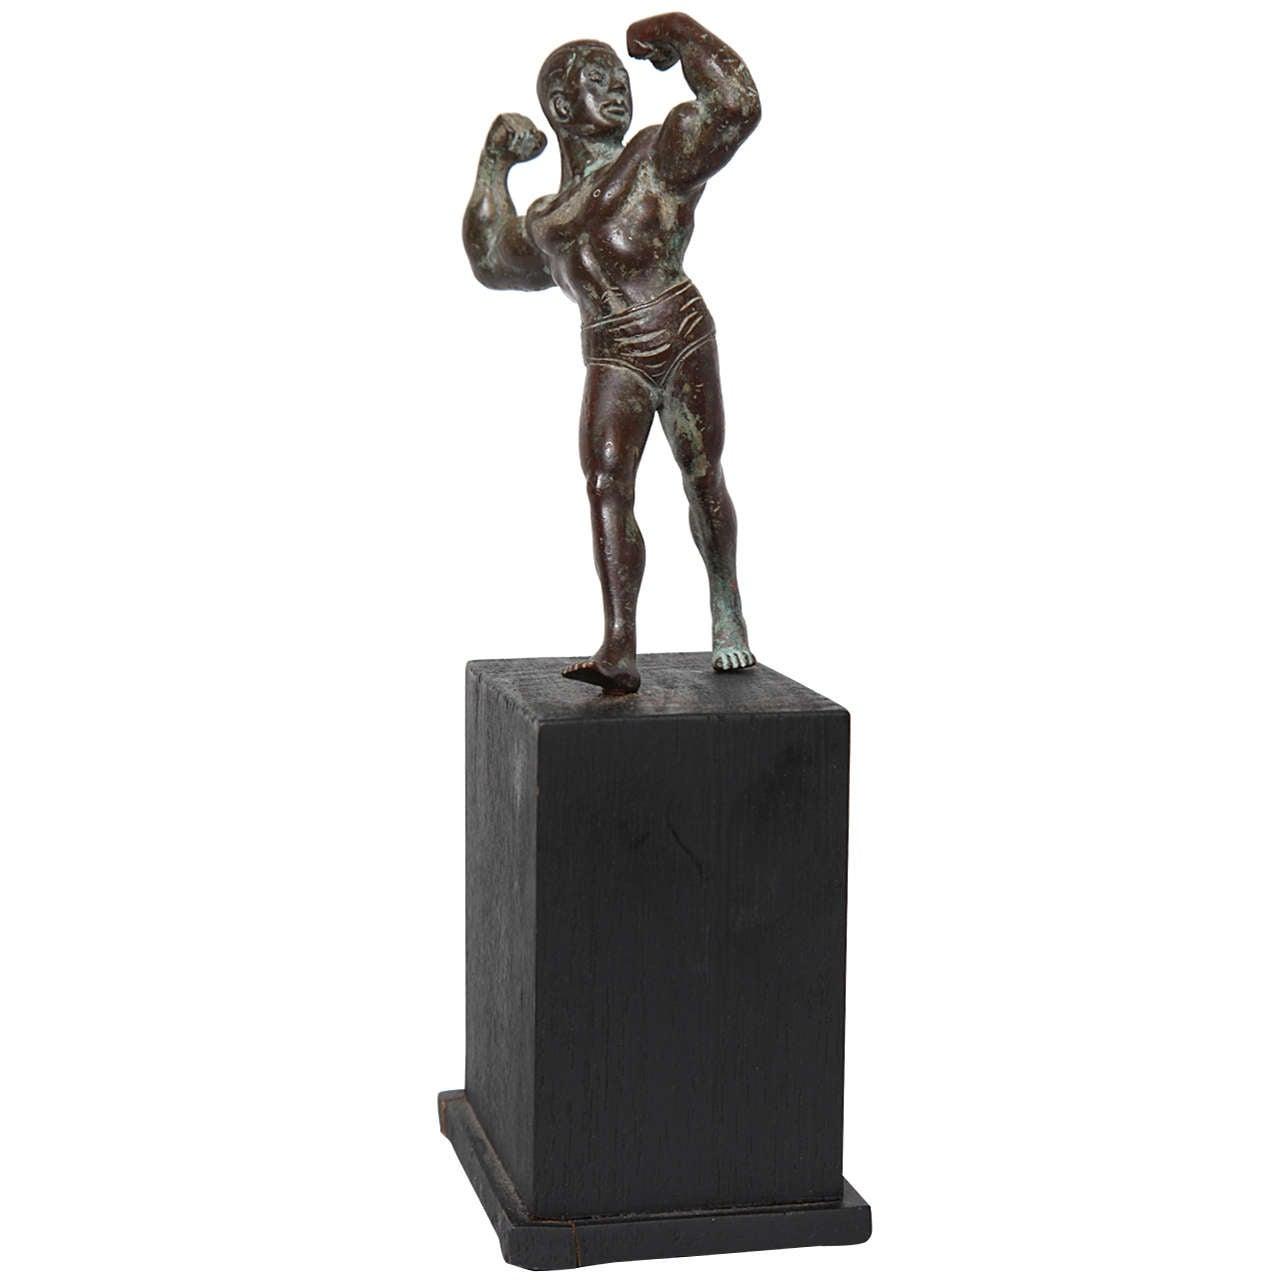 Burmese Bronze Muscleman